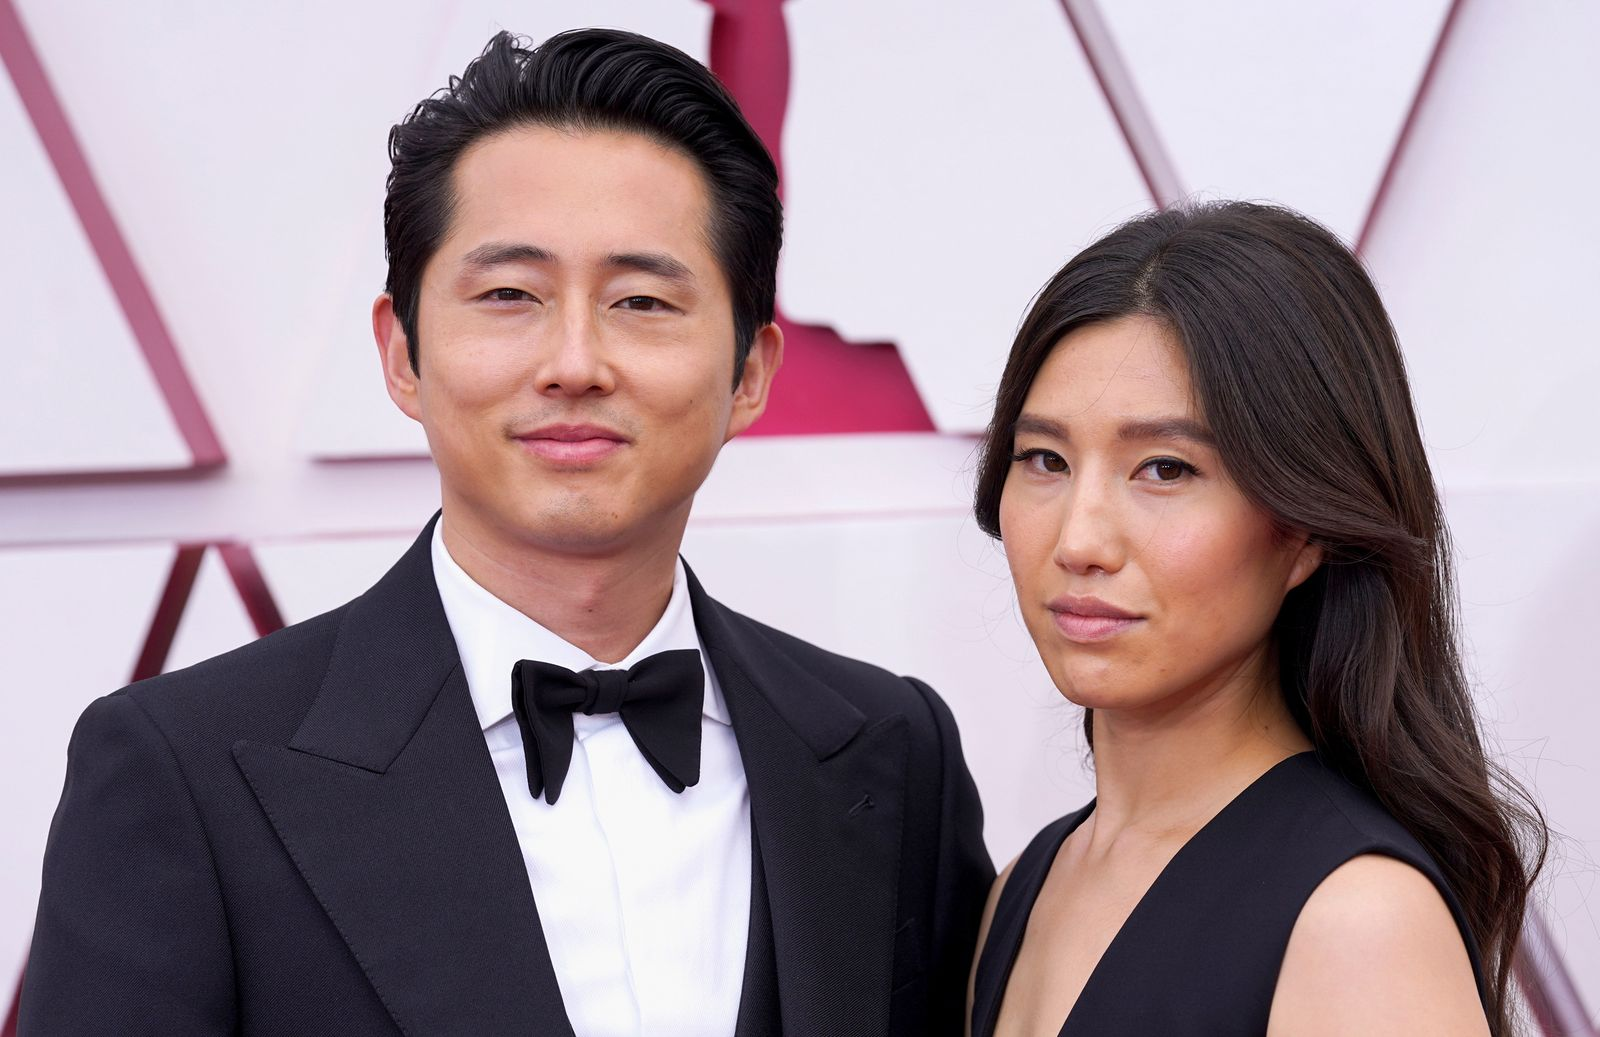 93rd Academy Awards